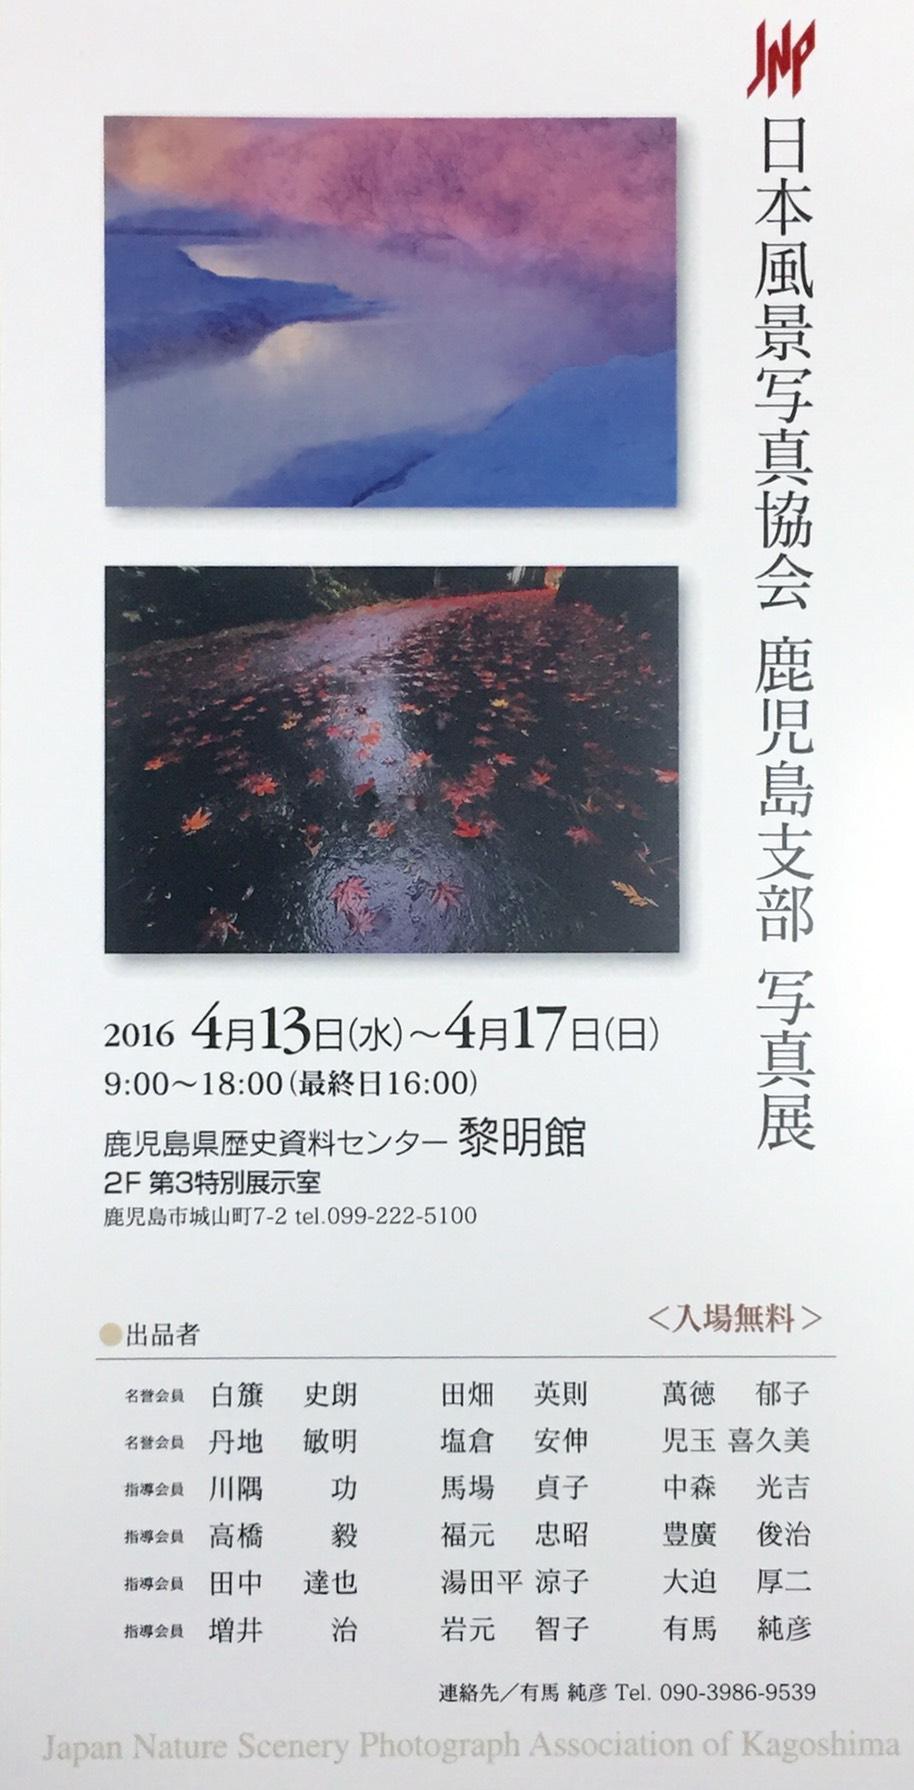 日本風景写真協会 鹿児島支部 写真展 [写真展]開催のお知らせ